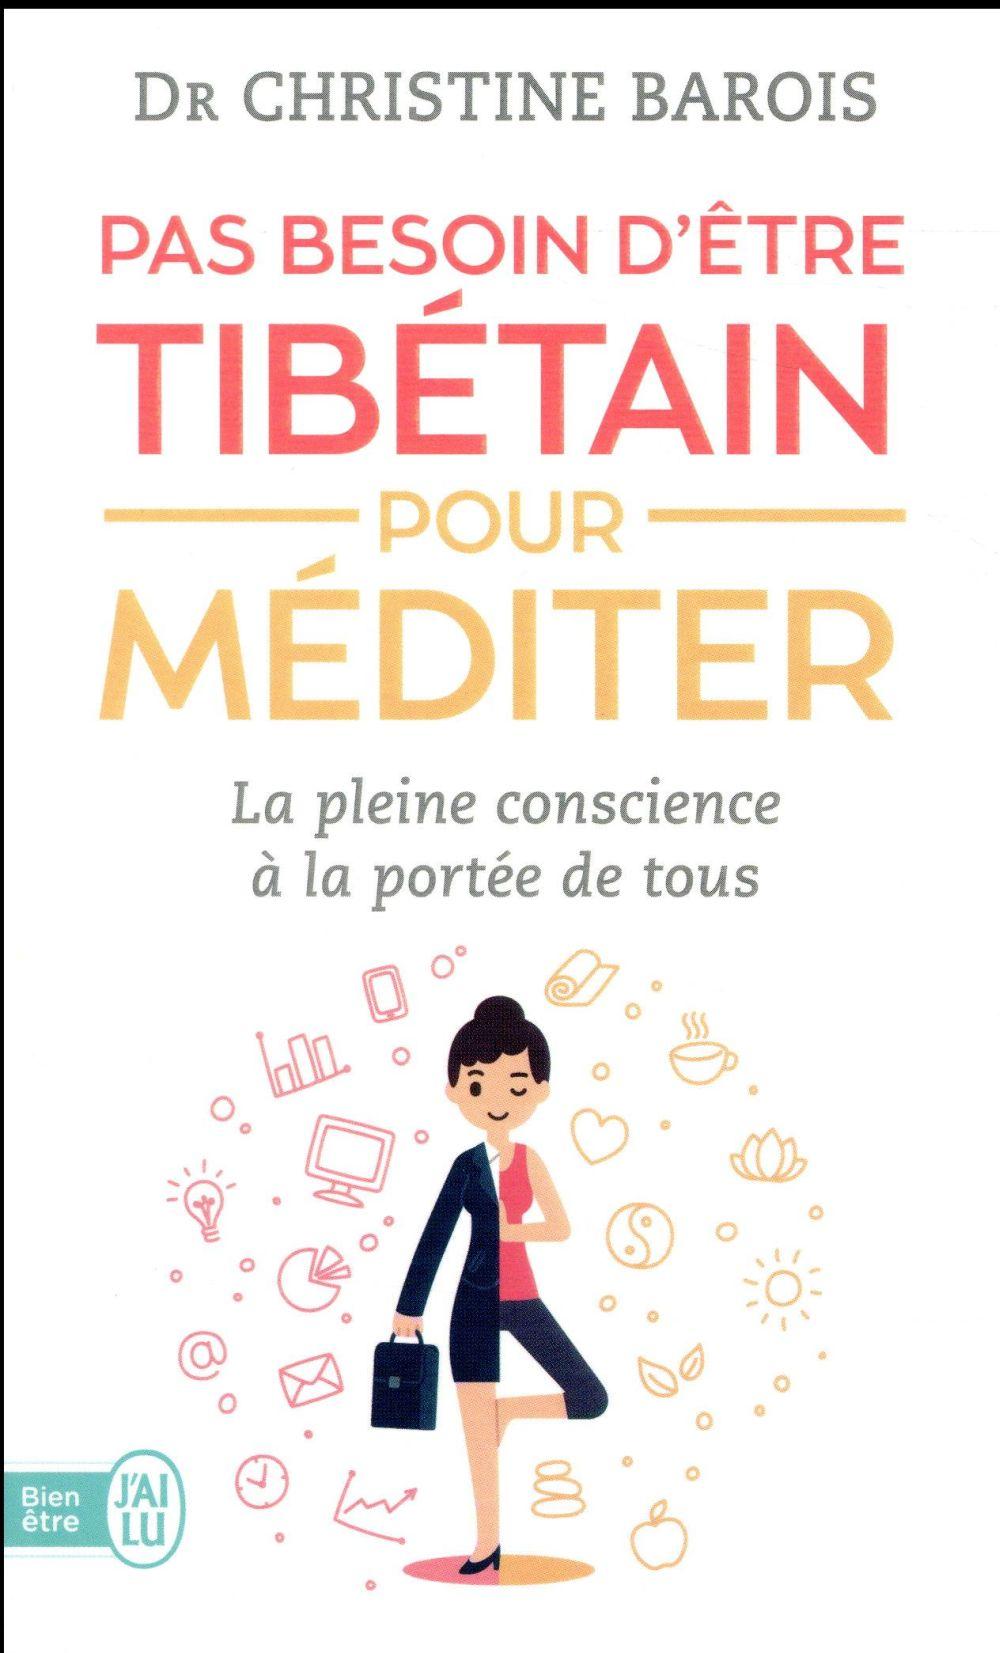 PAS BESOIN D'ETRE TIBETAIN POUR MEDITER - LA PLEINE CONSCIENCE A LA PORTEE DE TOUS